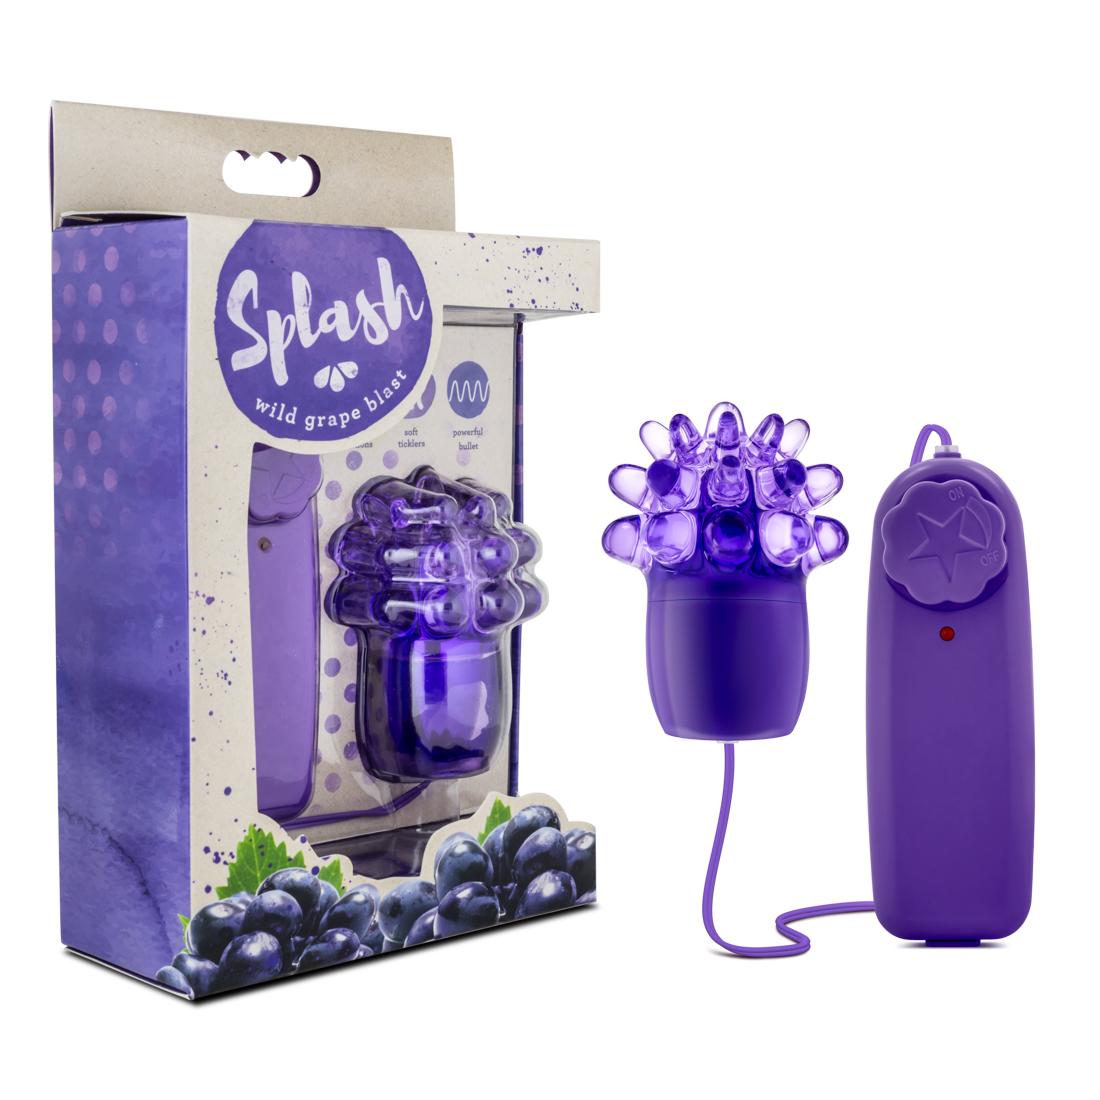 Splash - Wild Grape Blast - Grape